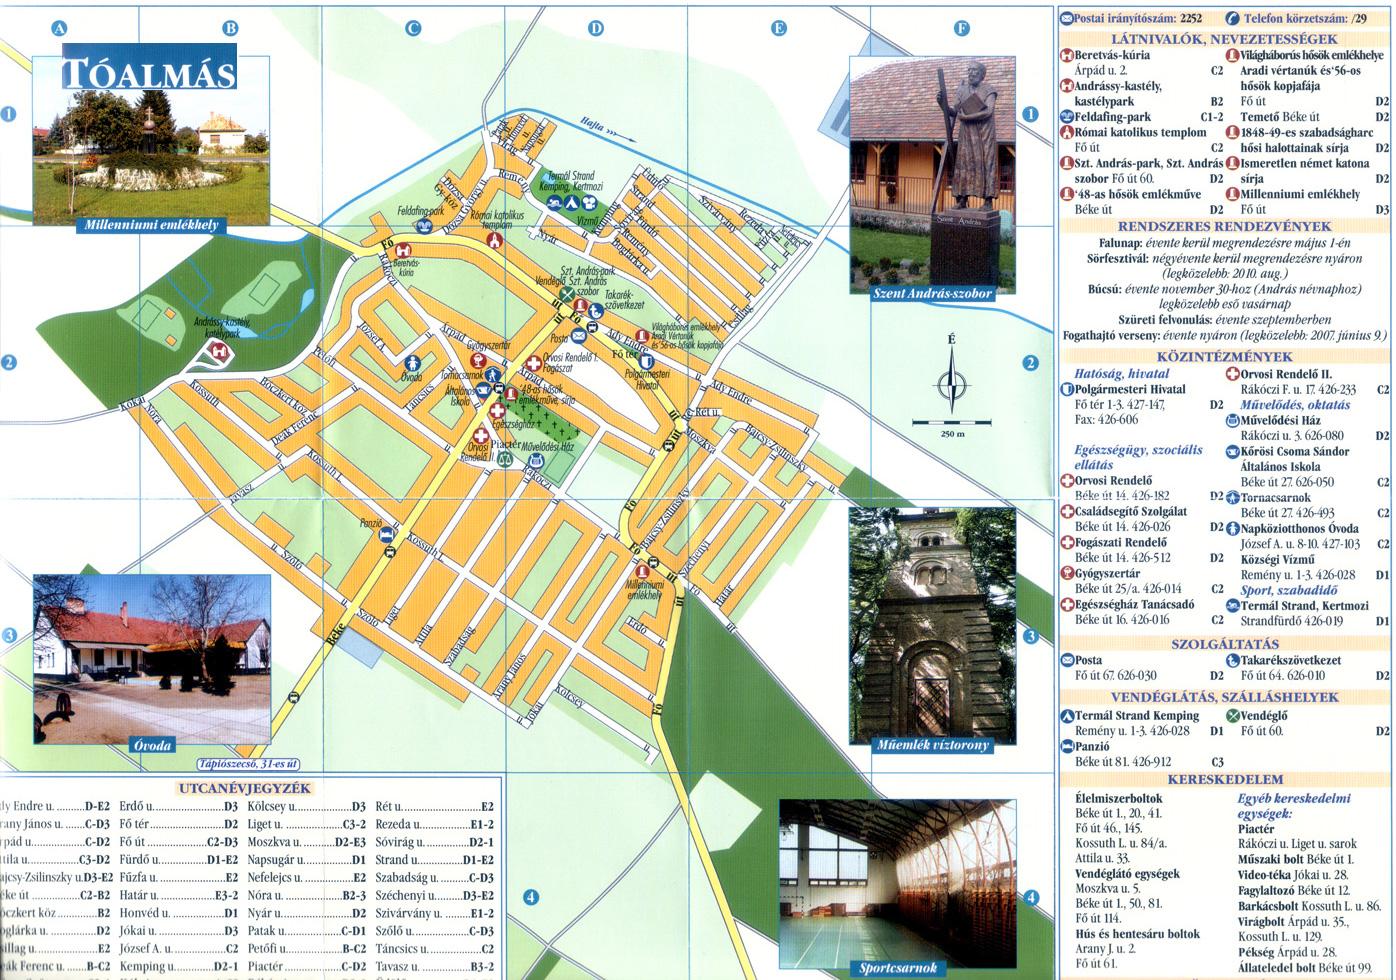 tóalmás térkép Tóalmás információs térképe | Tóalmási Közös Önkormányzati Hivatal  tóalmás térkép